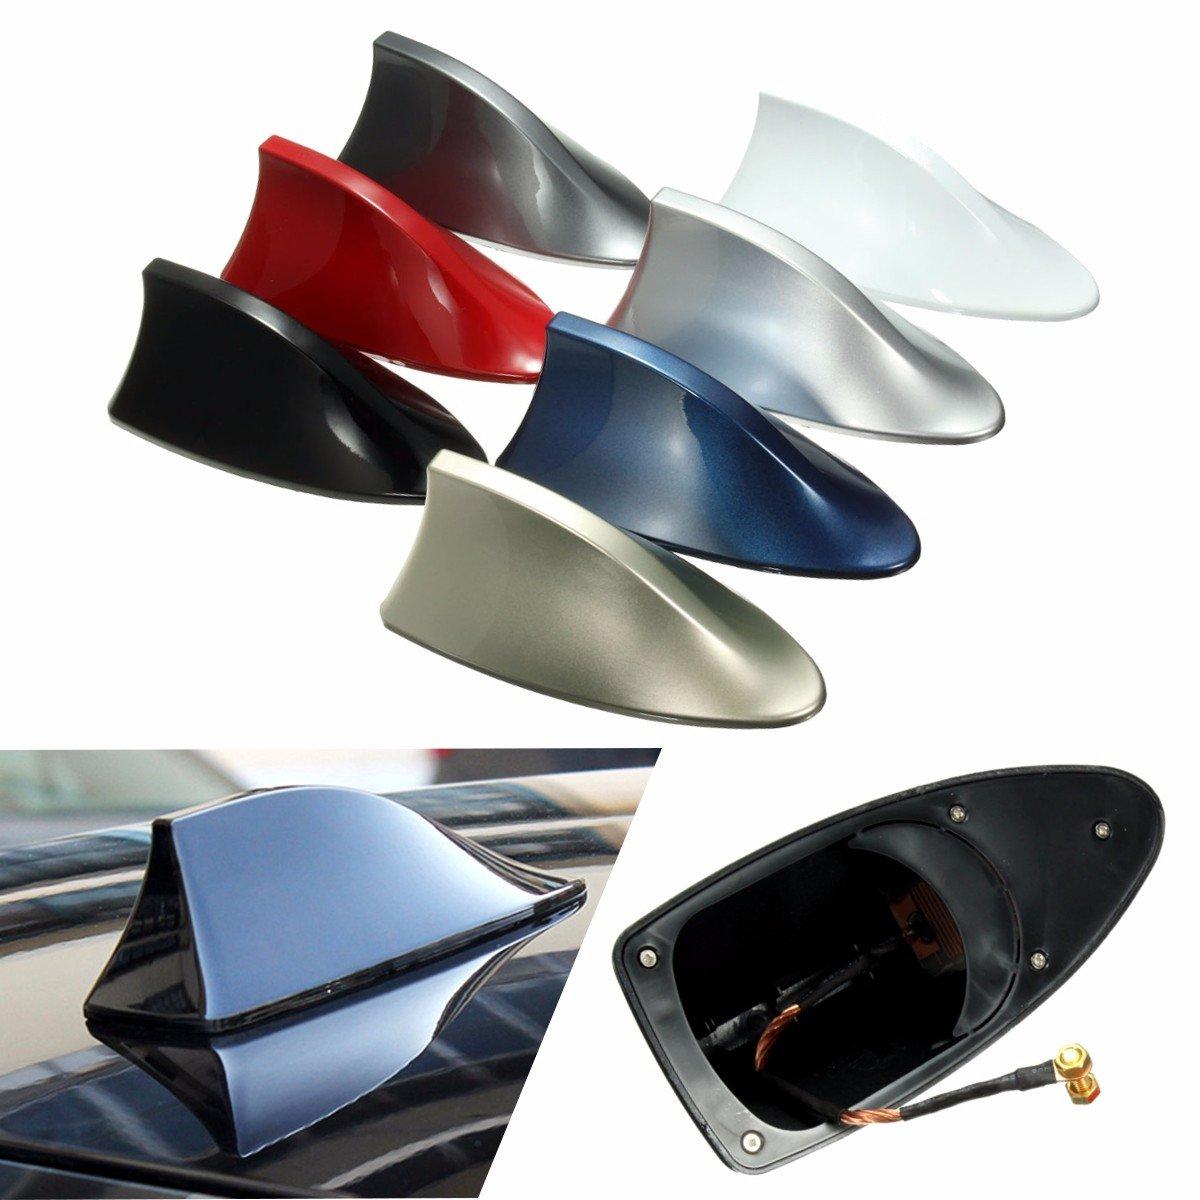 GOZAR Abs In Stile Tetto In Plastica Shark Pinna Antenna Segnale Radio Antenne Universial Per La Maggior Parte Delle Auto-Blu